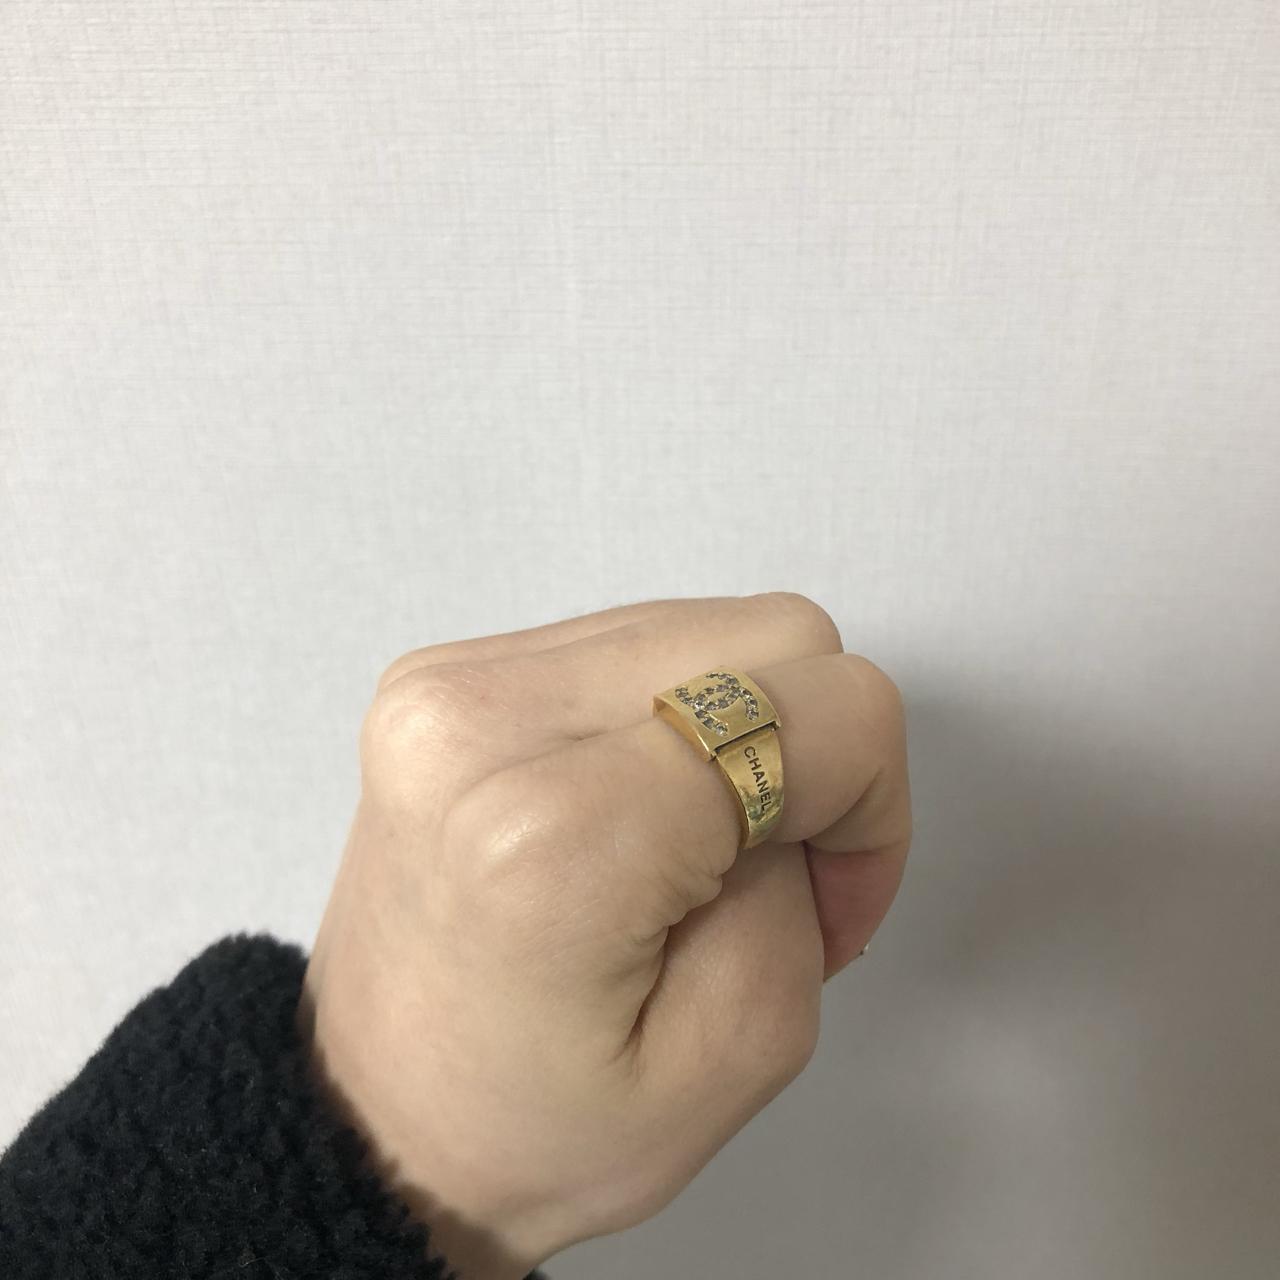 샤넬반지 2.1돈 18k